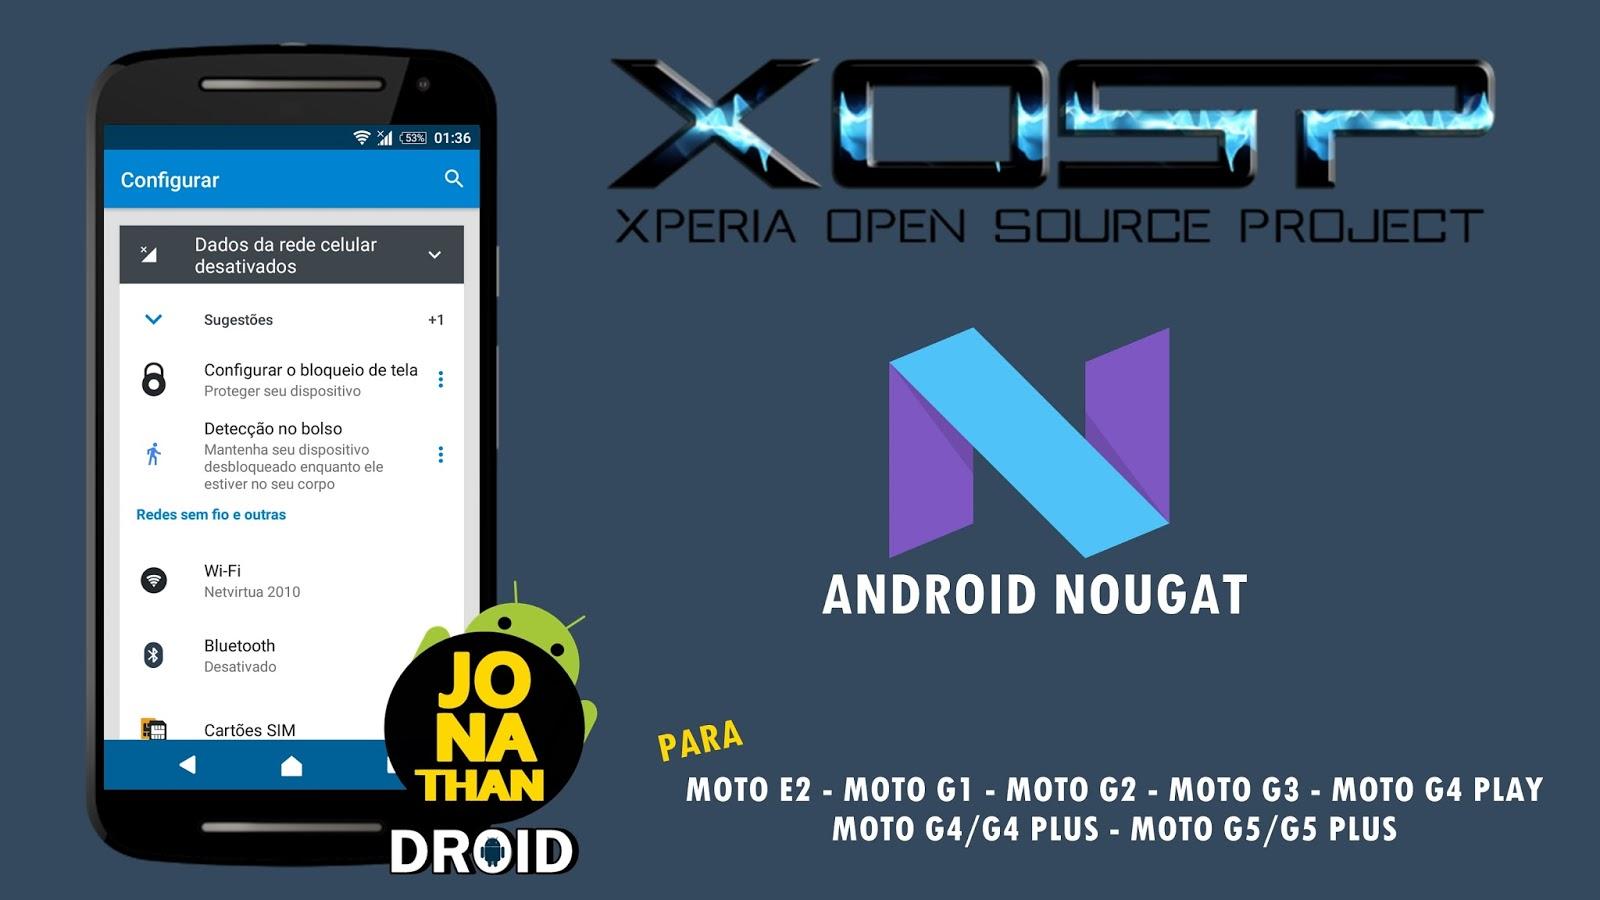 ROM - XOSP Android 7 1 x Nougat - Para Moto E2, G1, G2, G3